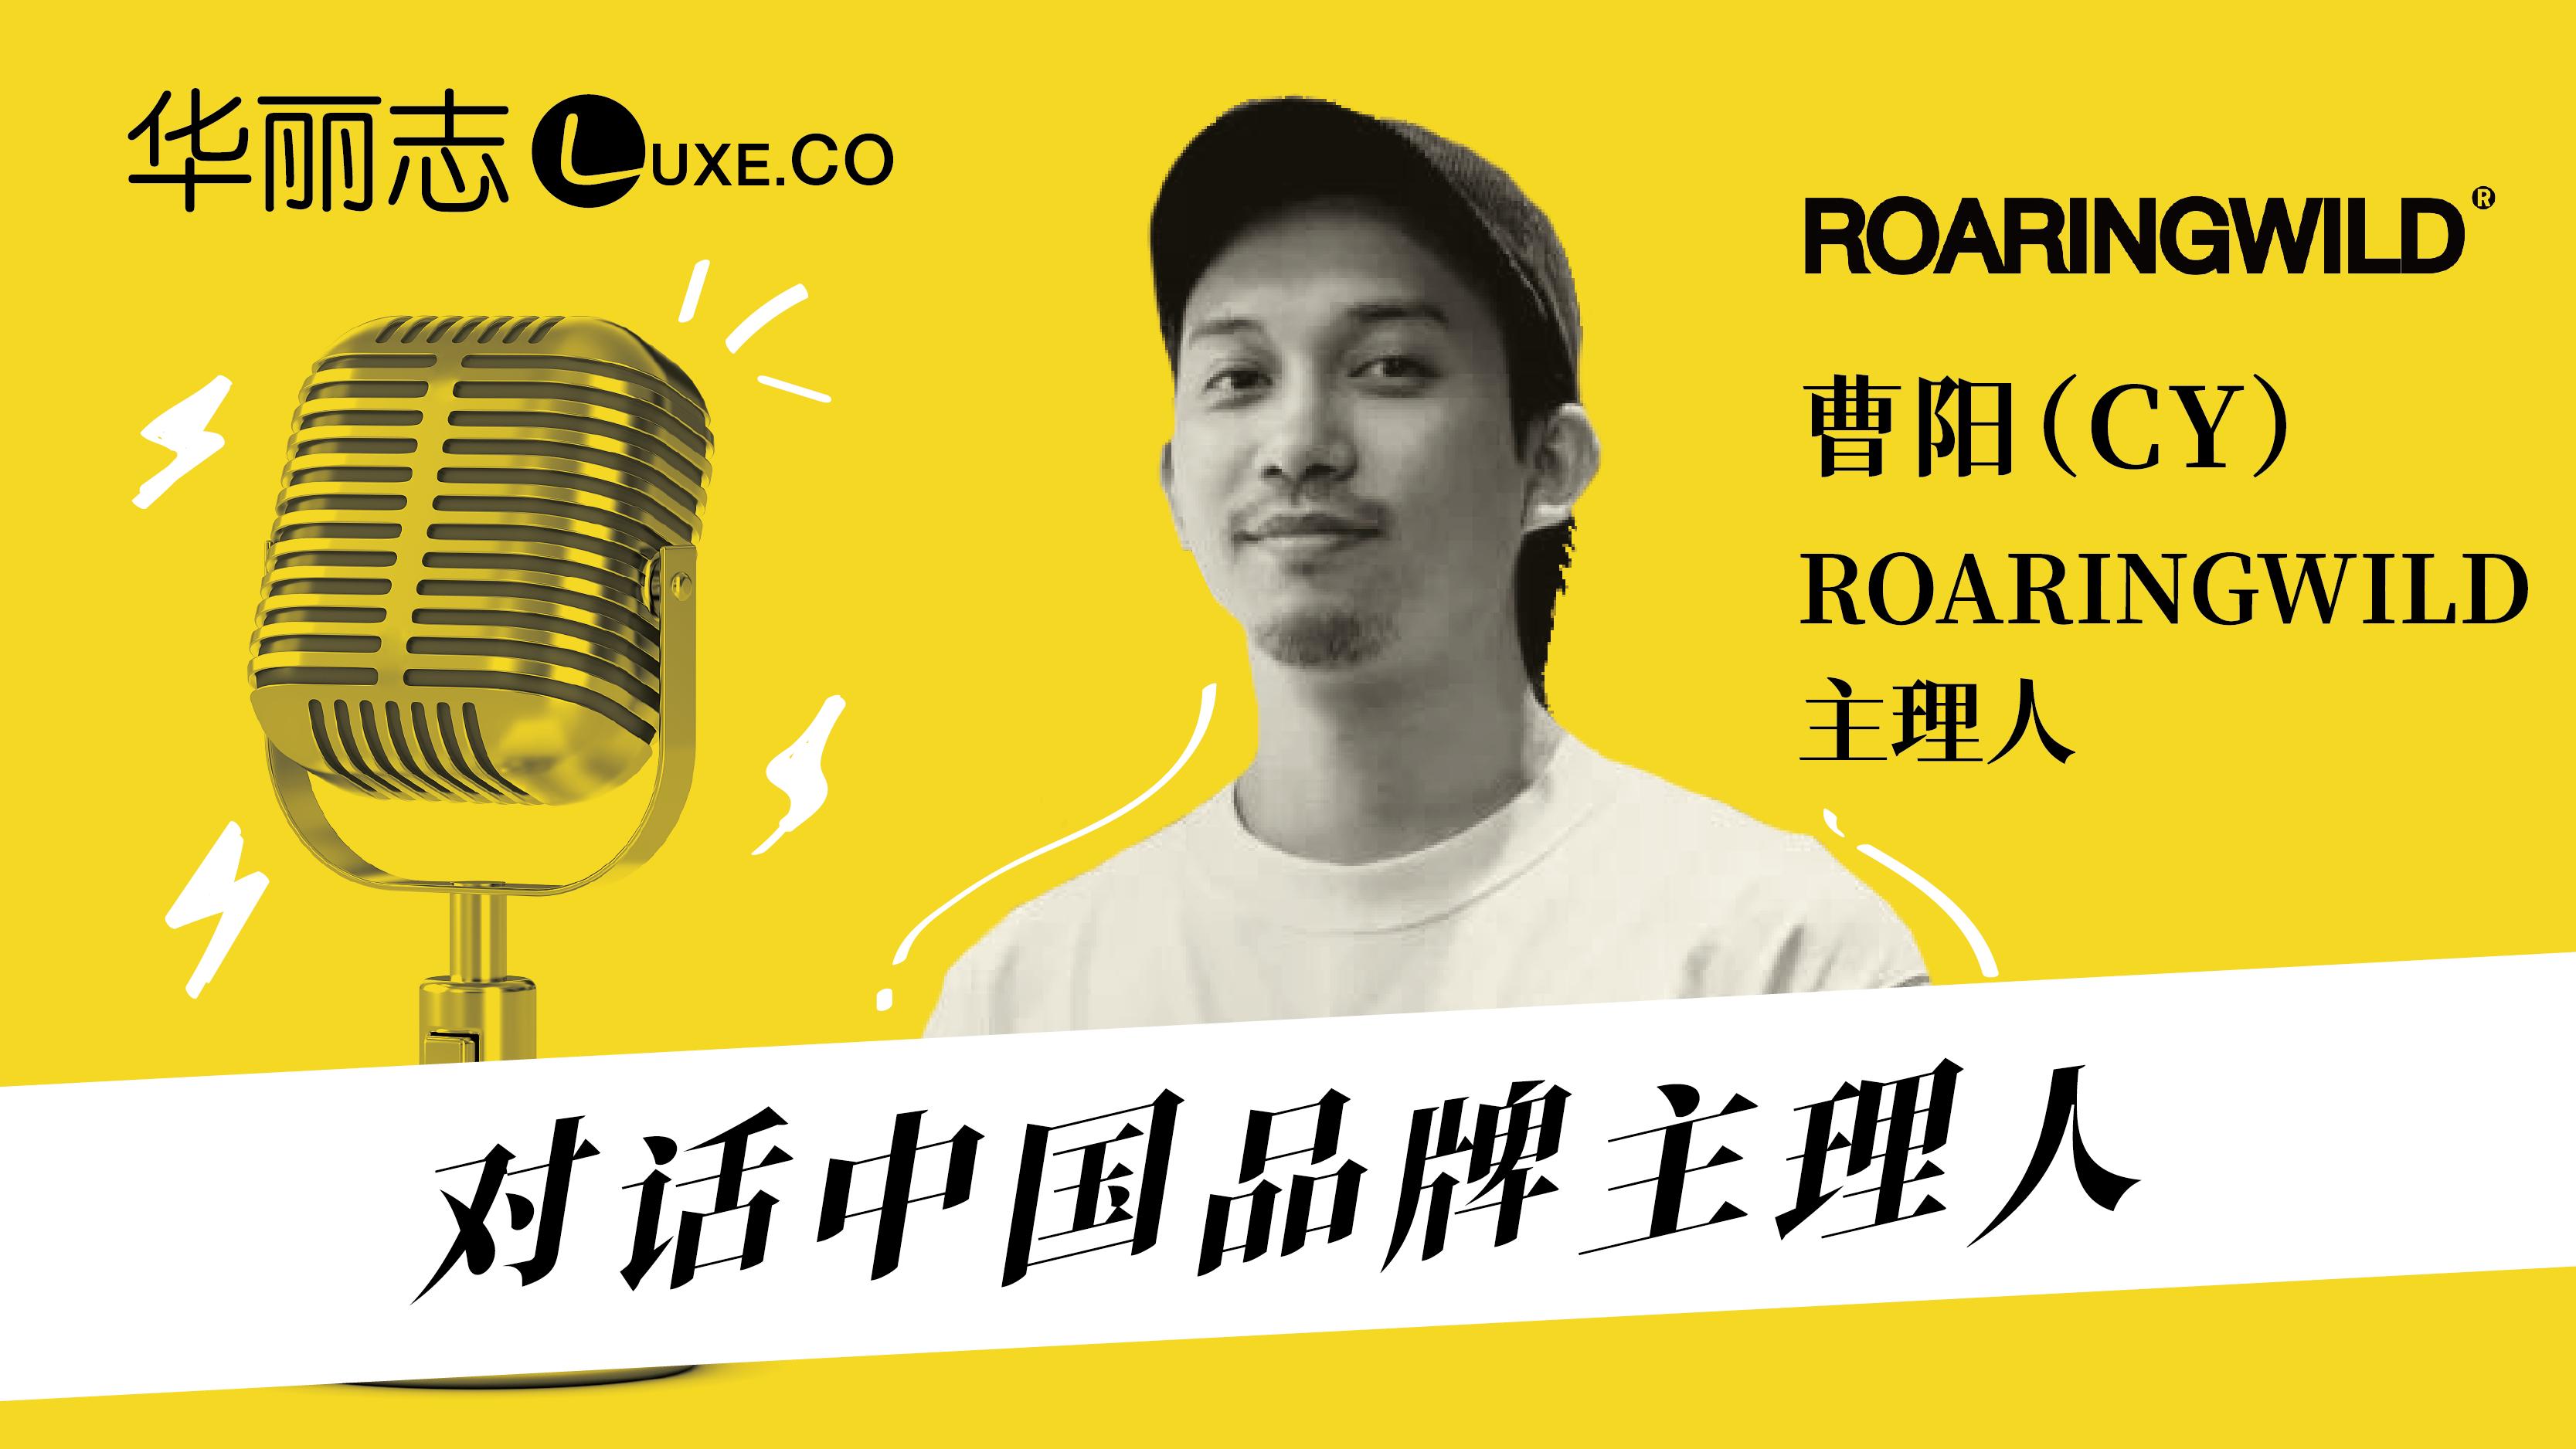 音频实录 | ROARINGWILD 主理人 CY:凭什么是我?!